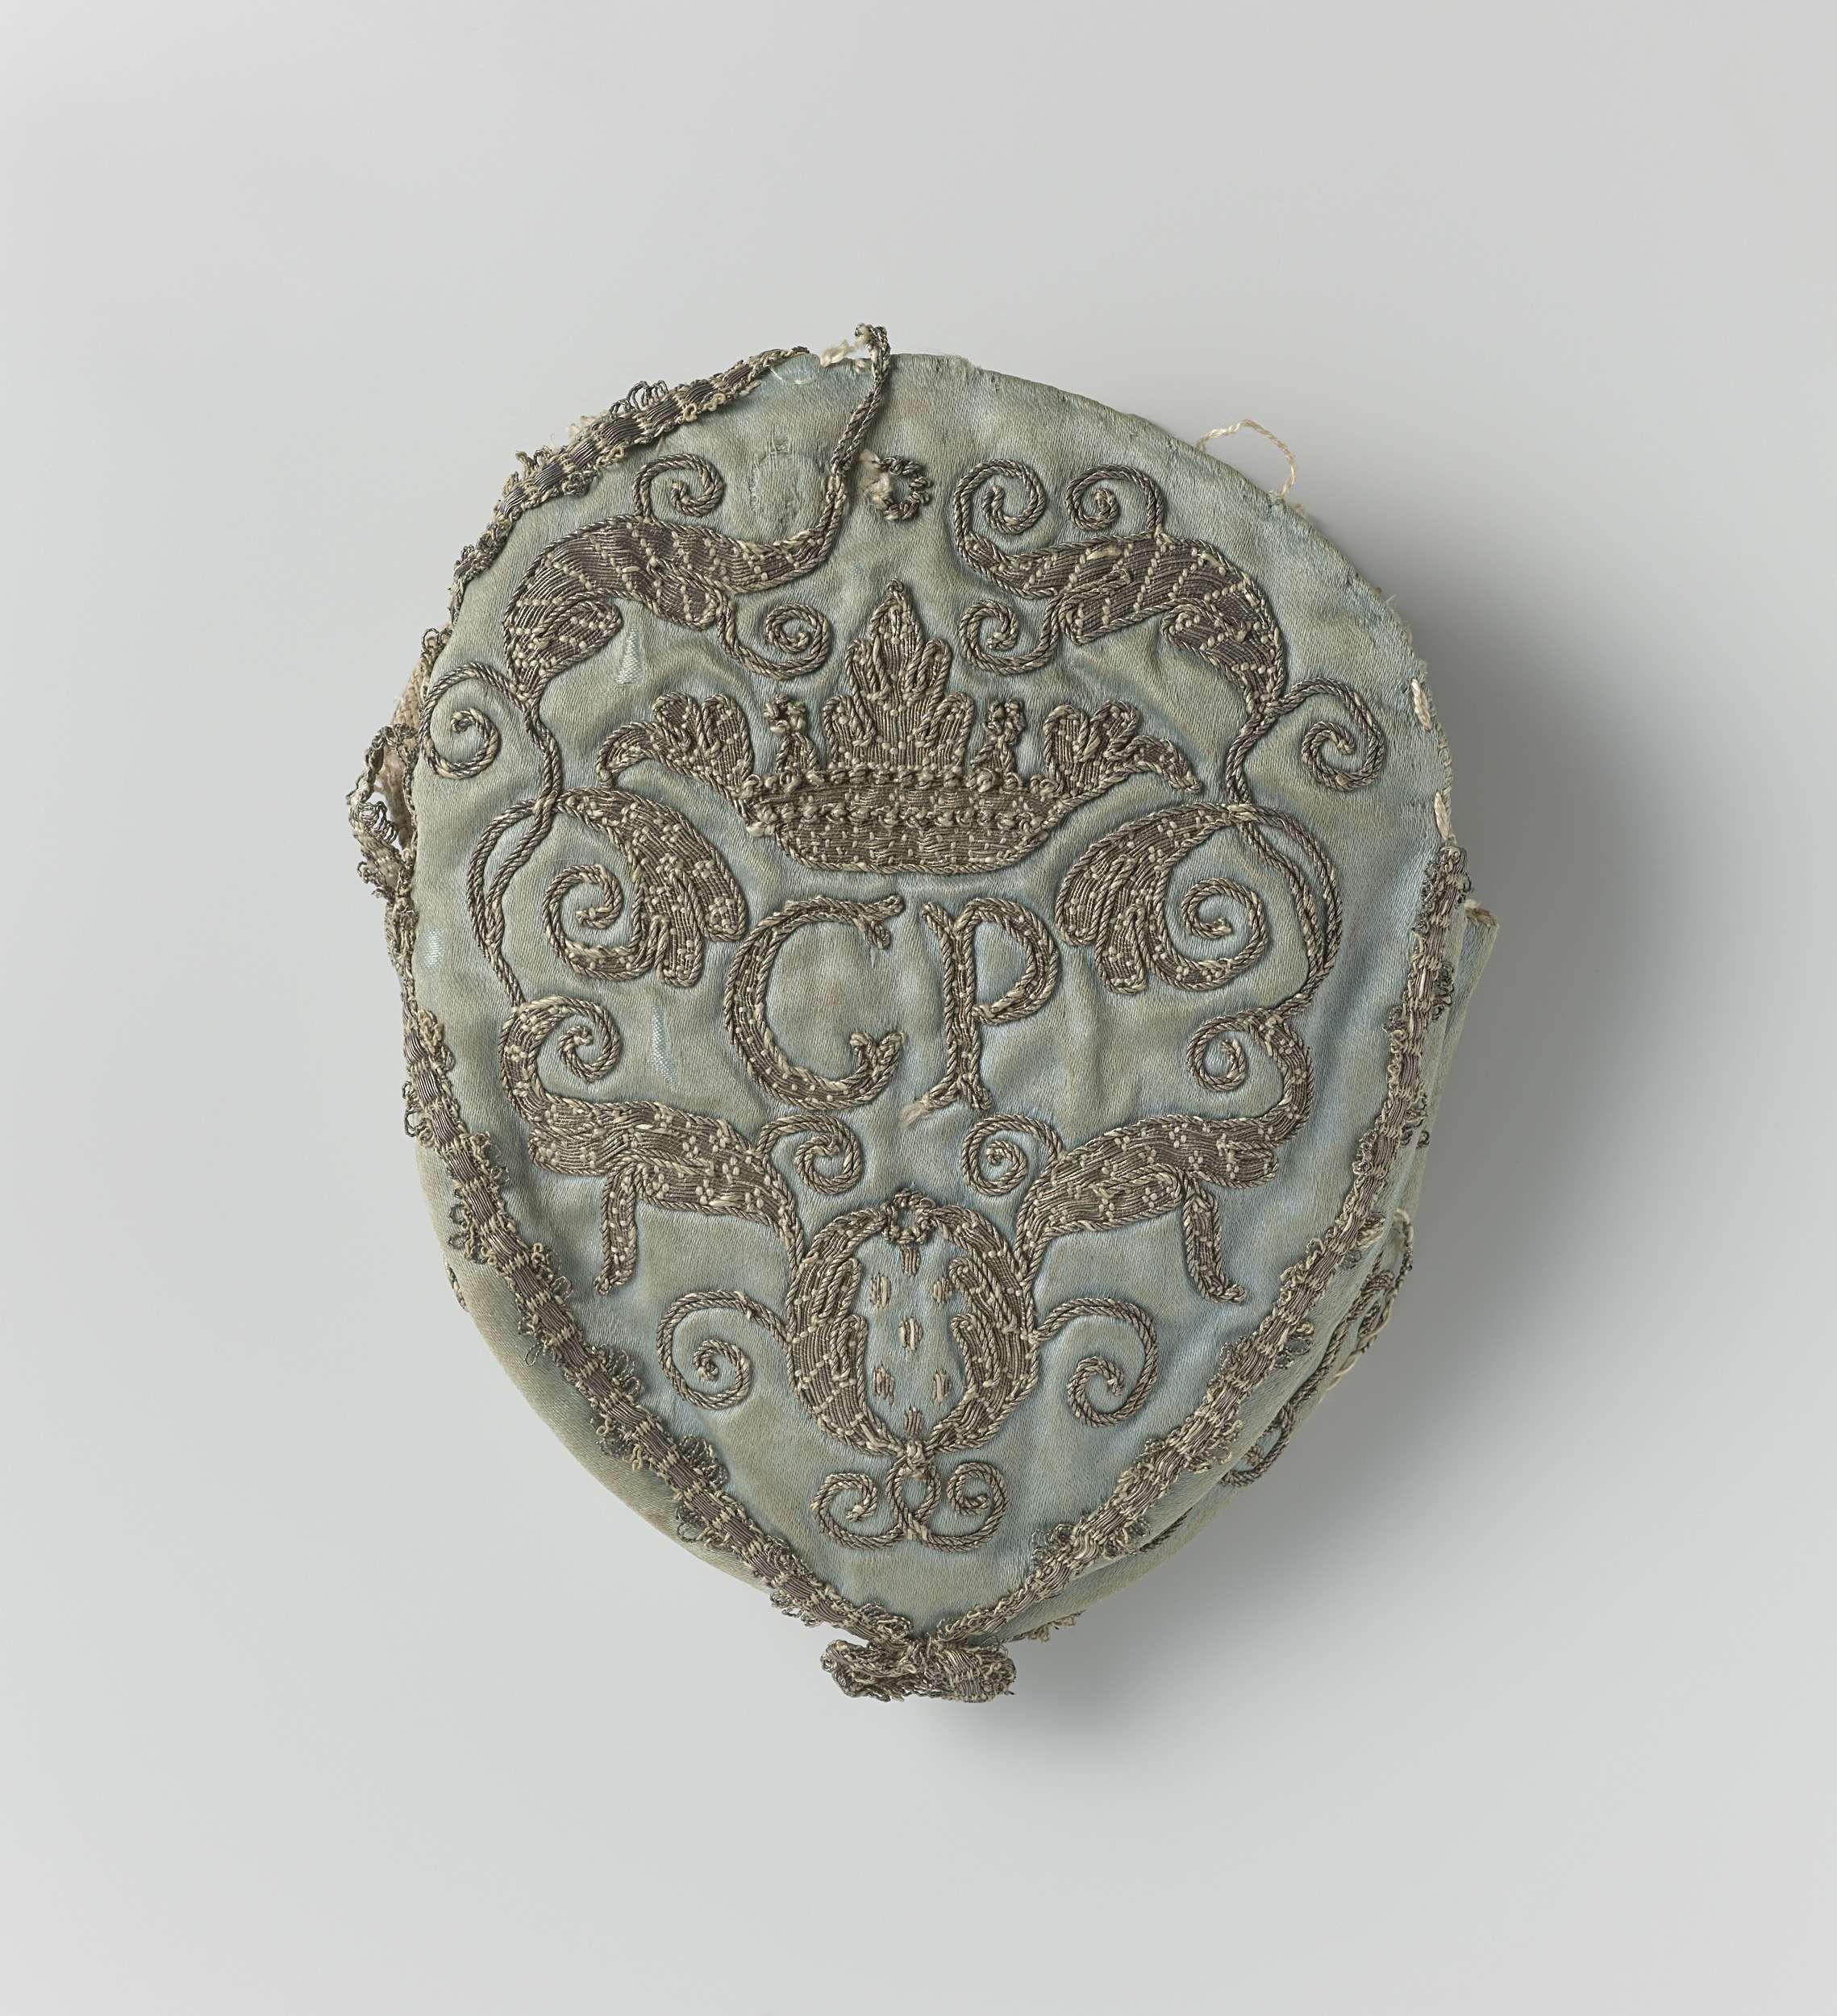 Tas van lichtblauwe zijde, met zilverdraad geborduurd, letters C P waarboven een kroon, omgeven door ornamenten, anonymous, c. 1700 - c. 1800